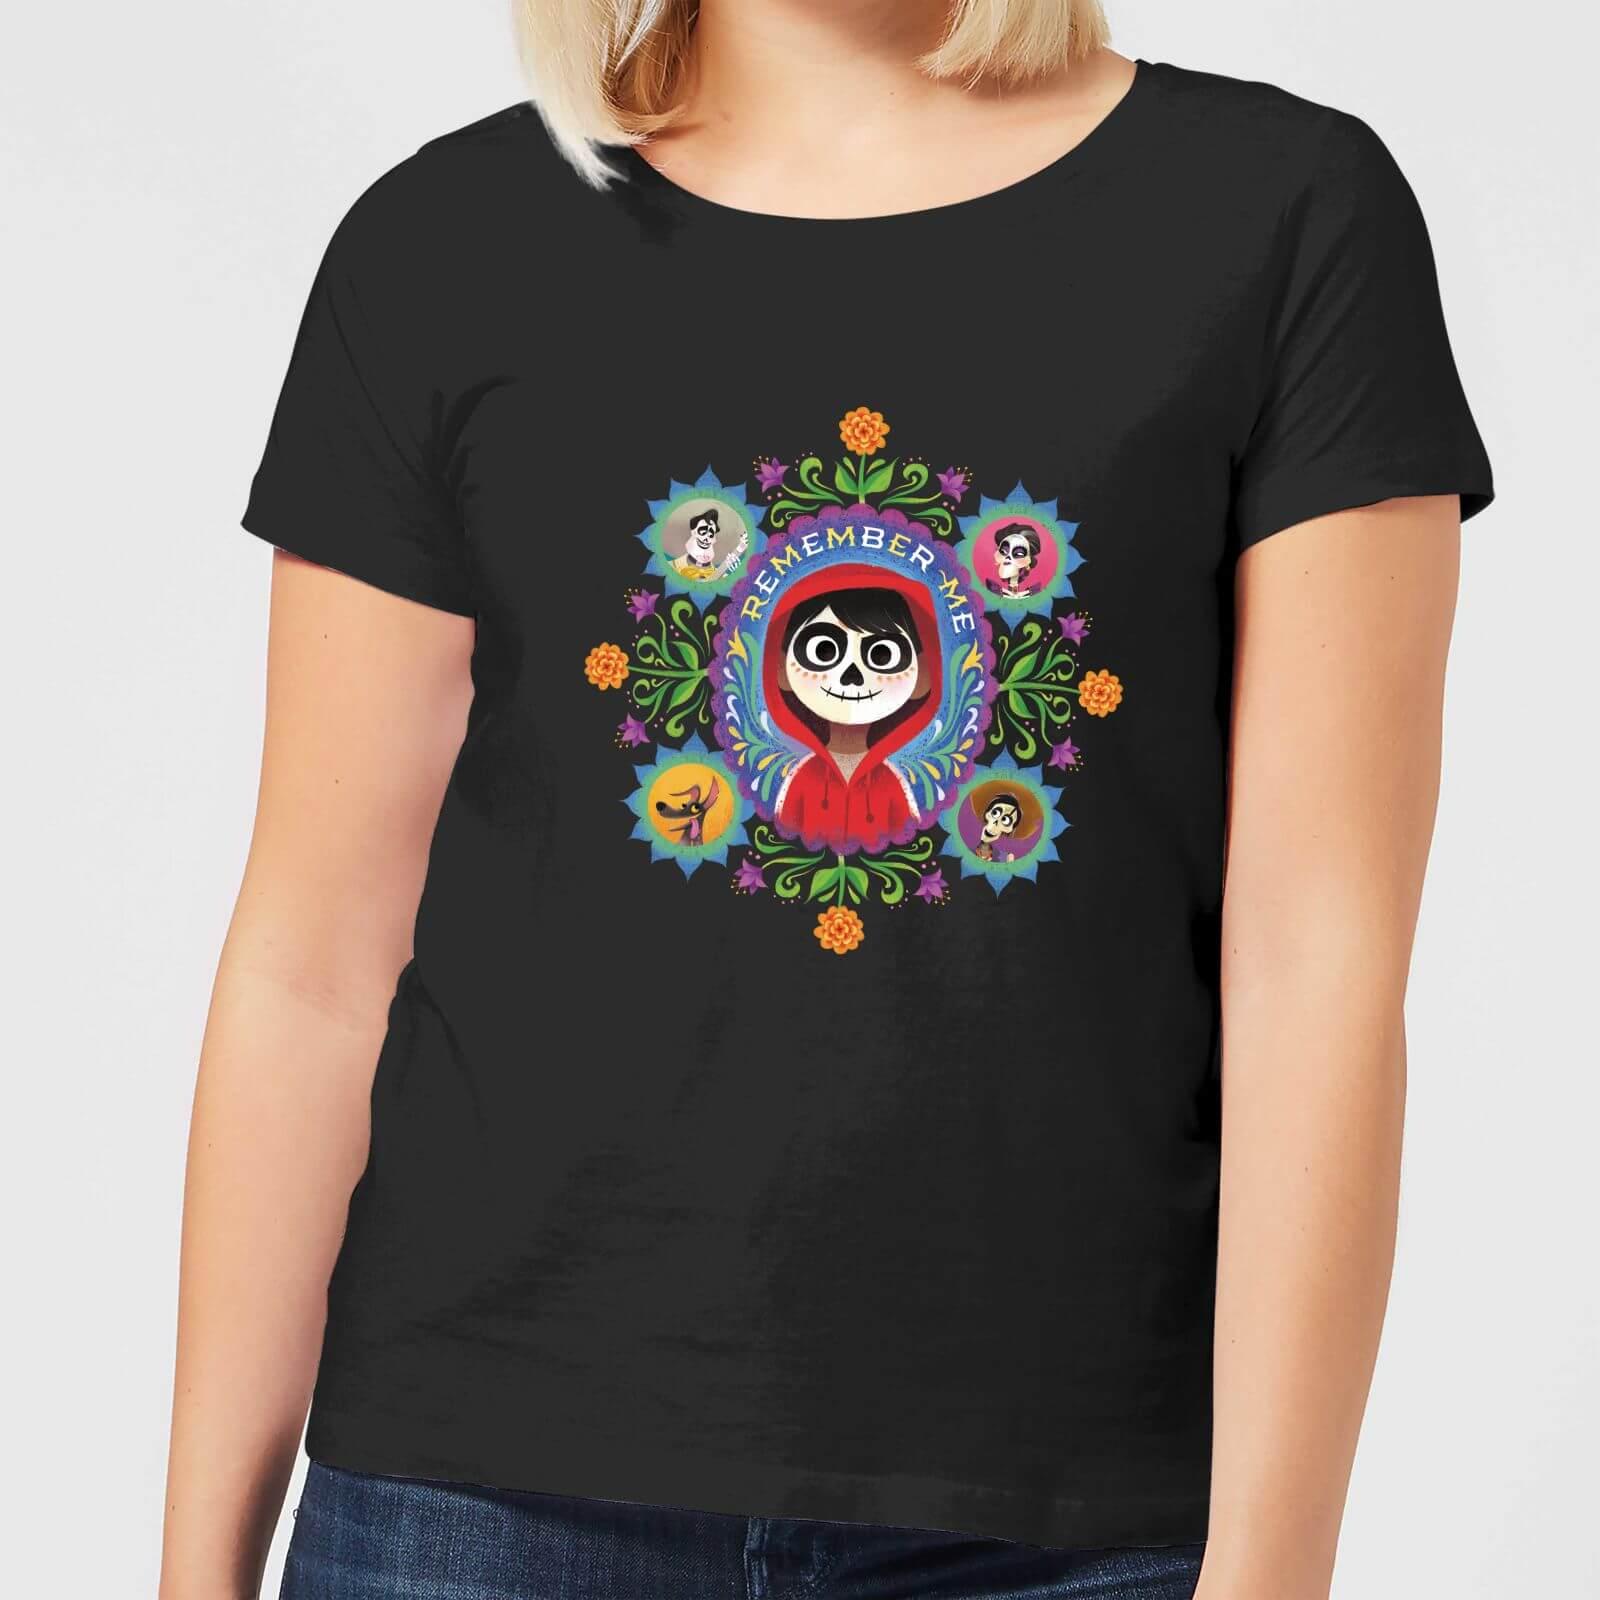 Disney Coco Remember Me Women's T-Shirt - Black - XXL - Black